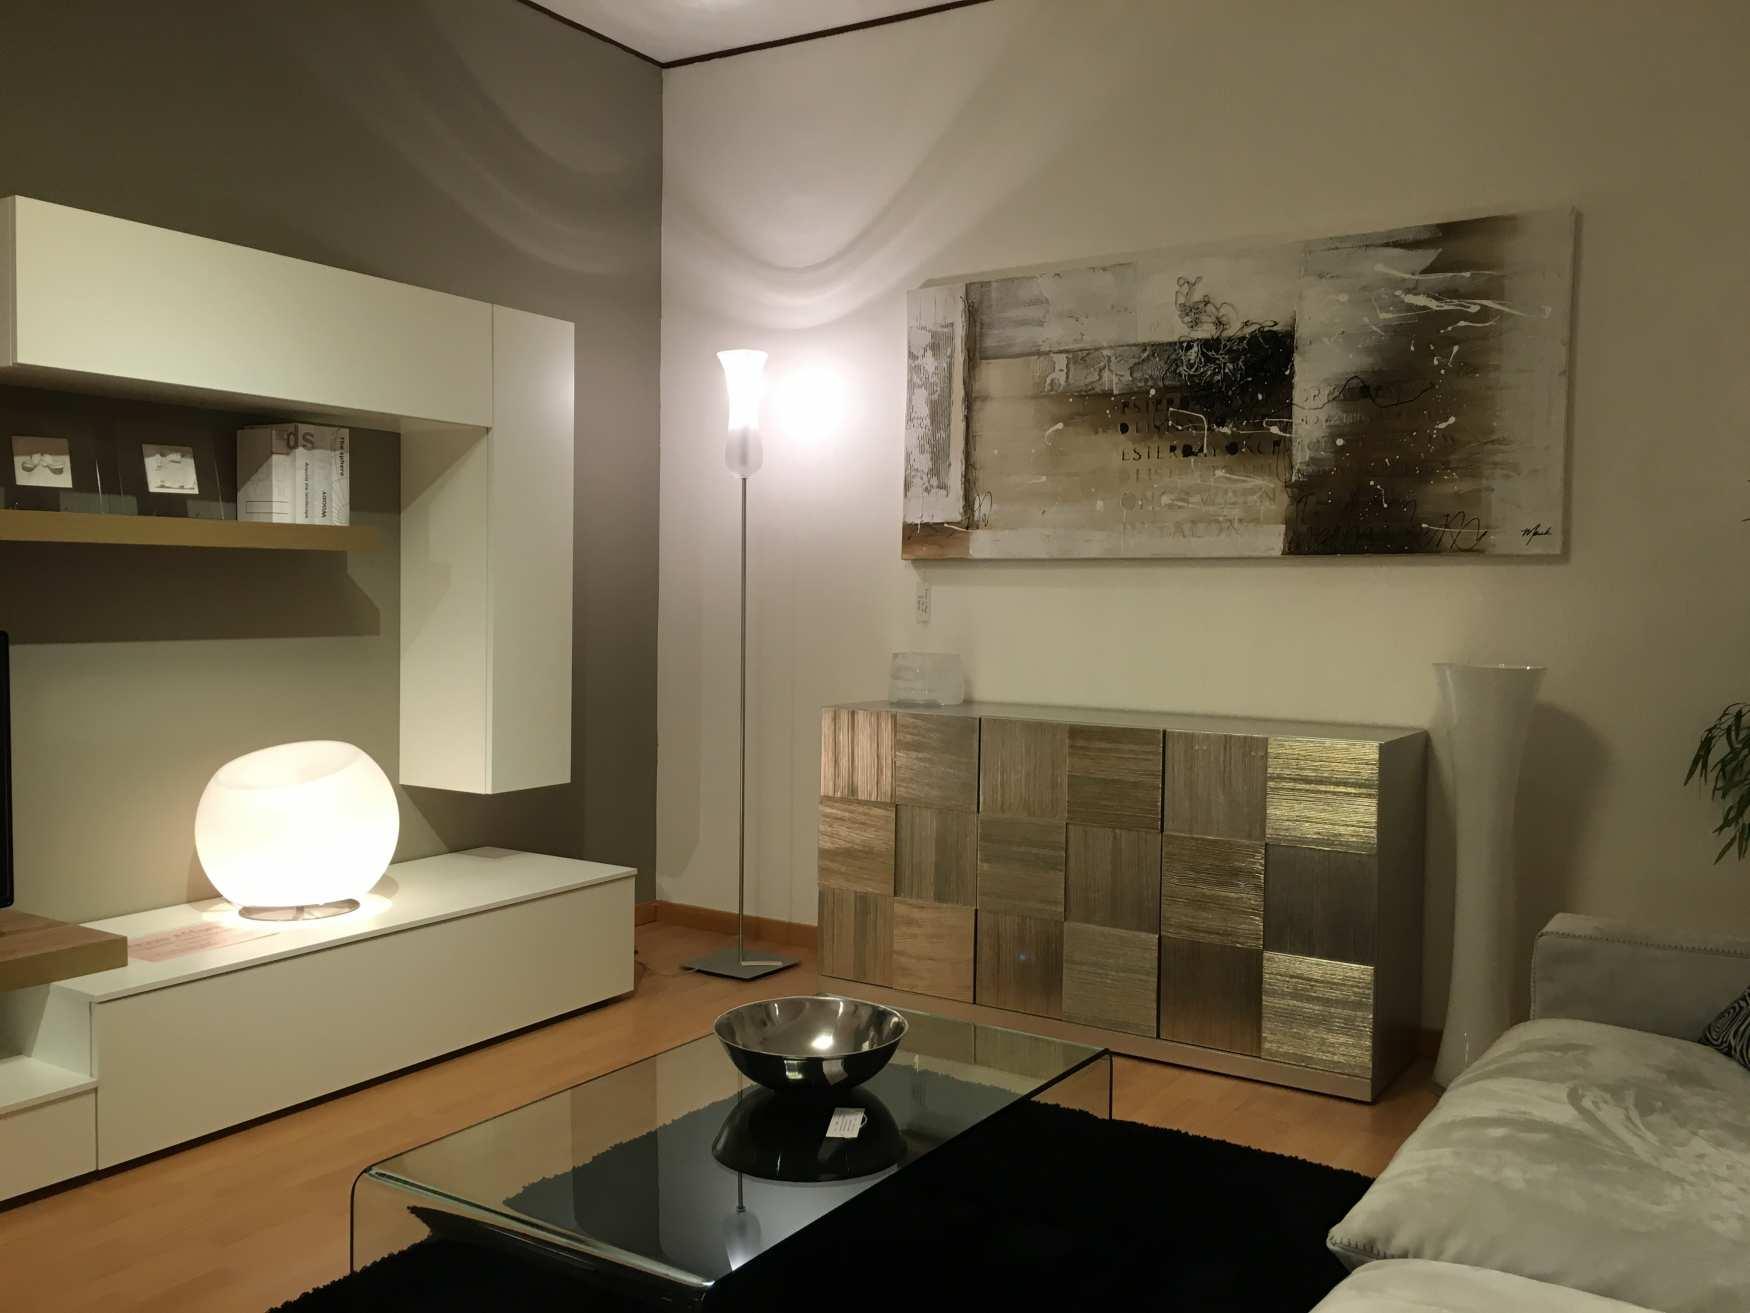 ampi spazi per i mobili di milanomondo da arredamenti